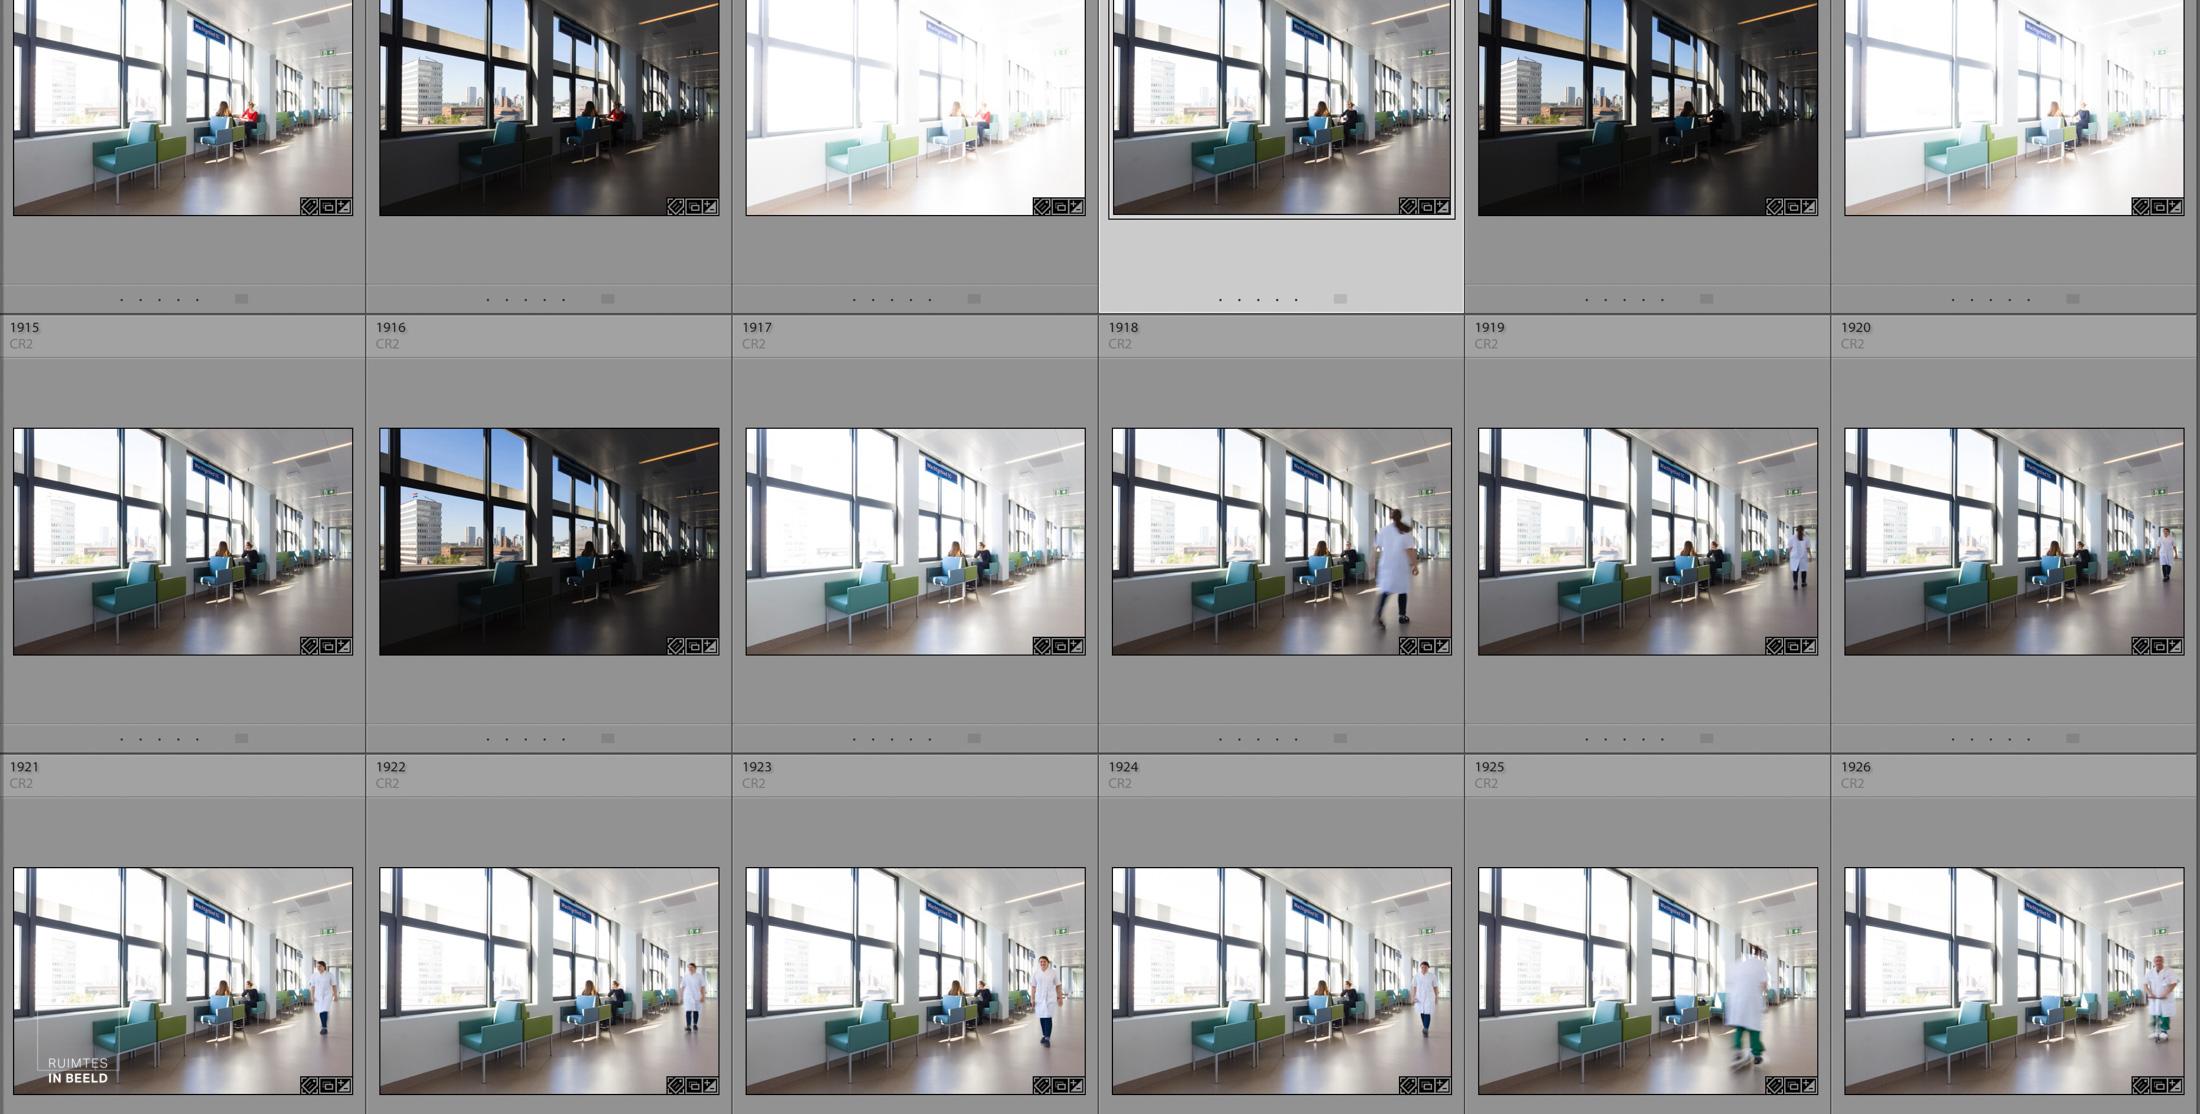 Dit zal een beeld worden met meerdere uitdagingen in één foto. Ten eerste moet het licht binnen en buiten in balans komen, en in de tweede plaats kwam er net tijdens de shoot een dokter aan op een stepje die best door het beeld wilde rijden voor ons. Dat moet dan ook worden geïntegreerd in het beeld. Is dat toeval? Zeker, maar ja, toeval treft alleen de voorbereide geest! (Beeld gemaakt in het Erasmus MC voor  EGM Architecten ).